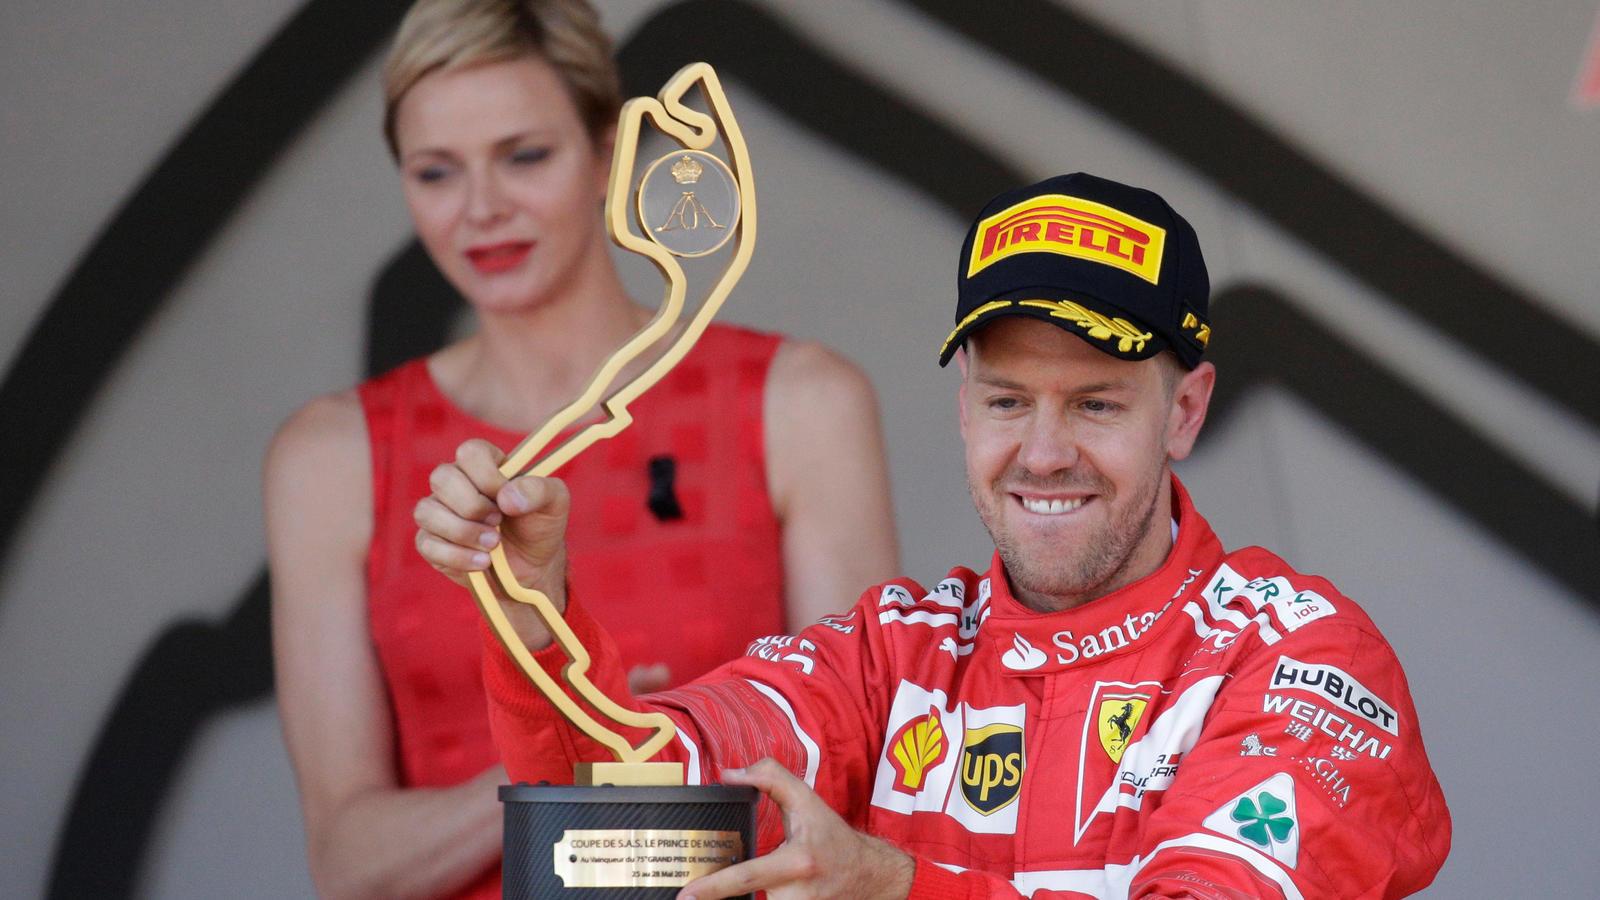 Zum zweiten Mal nach 2011 darf Sebastian Vettel die Siegertrophäe in Monte Carlo hochhalten.